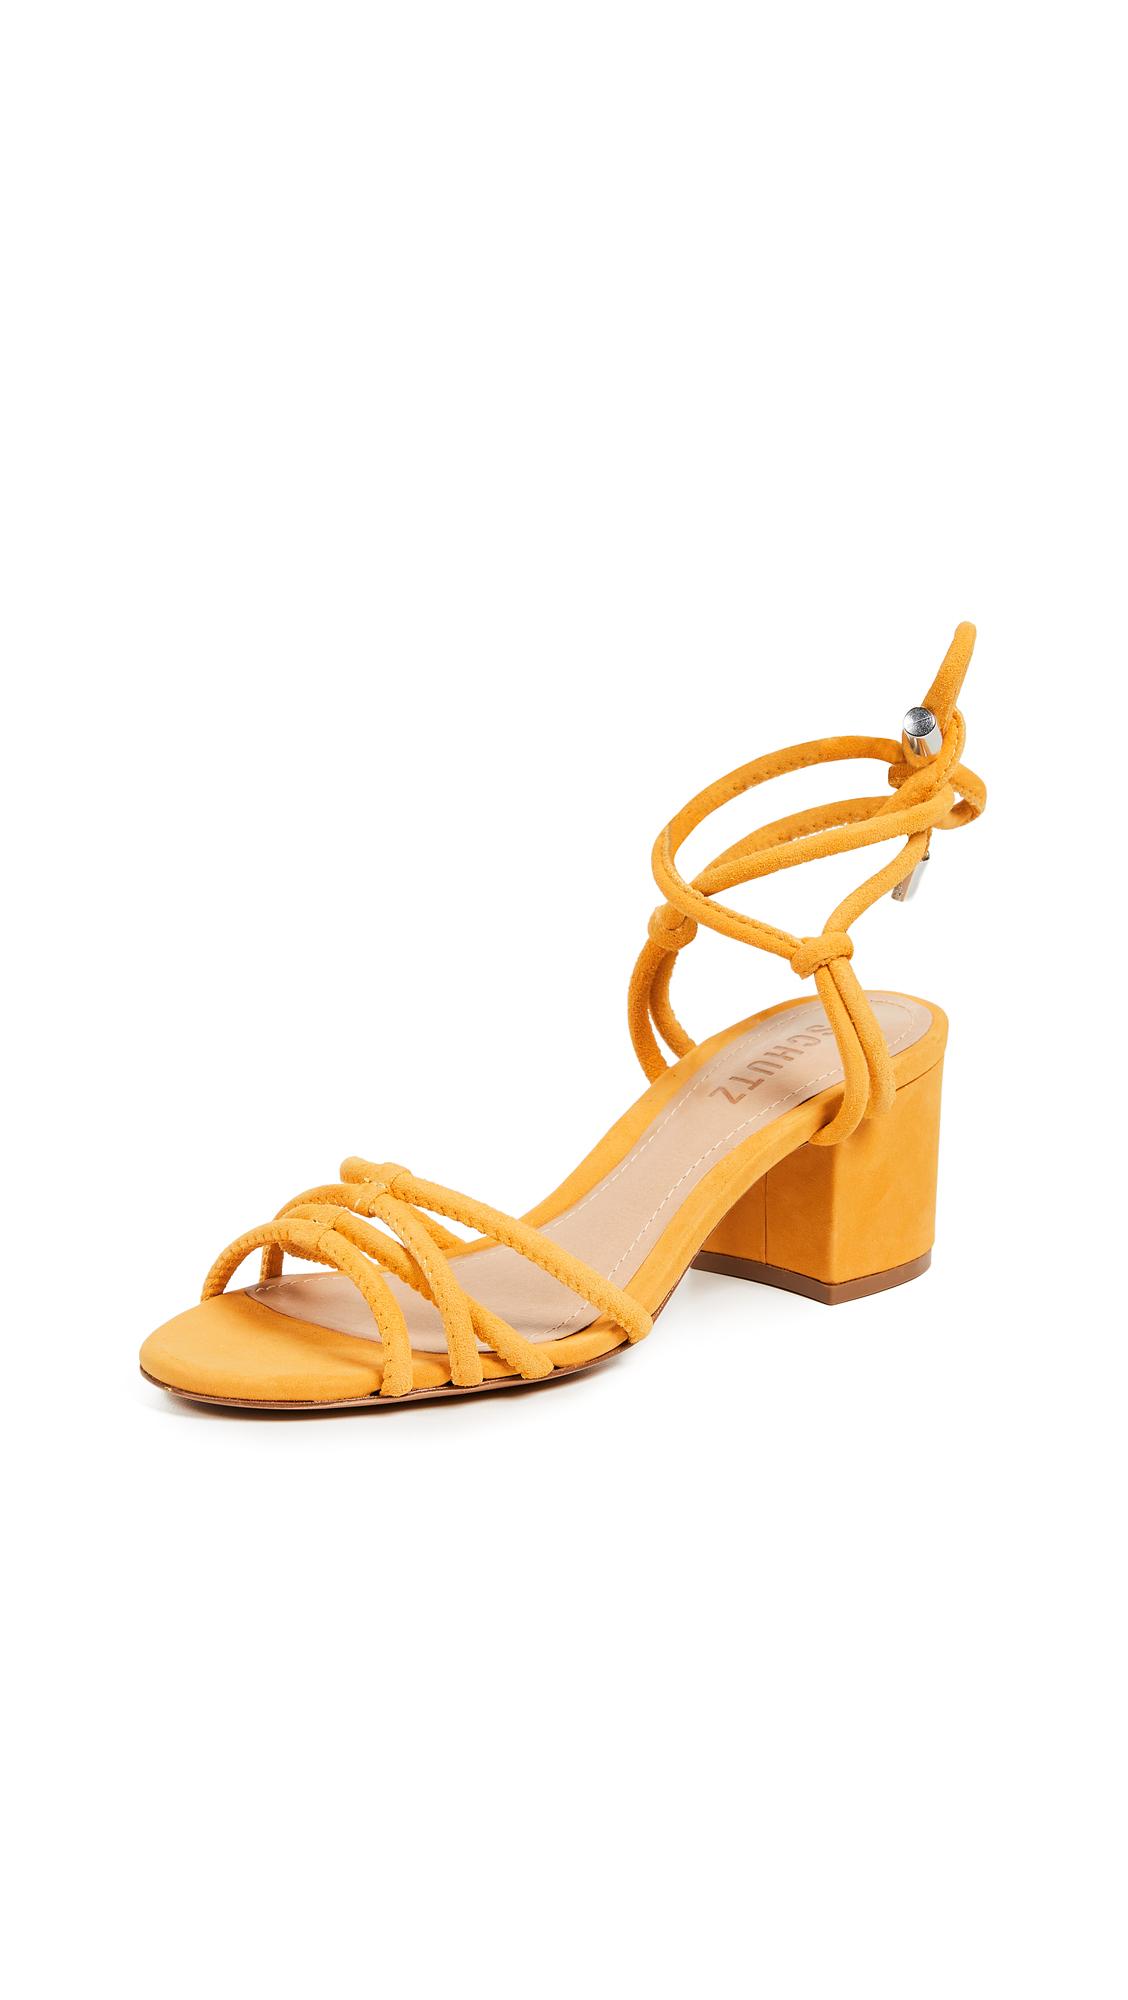 Schutz Marcella Strappy Sandals - Marigold